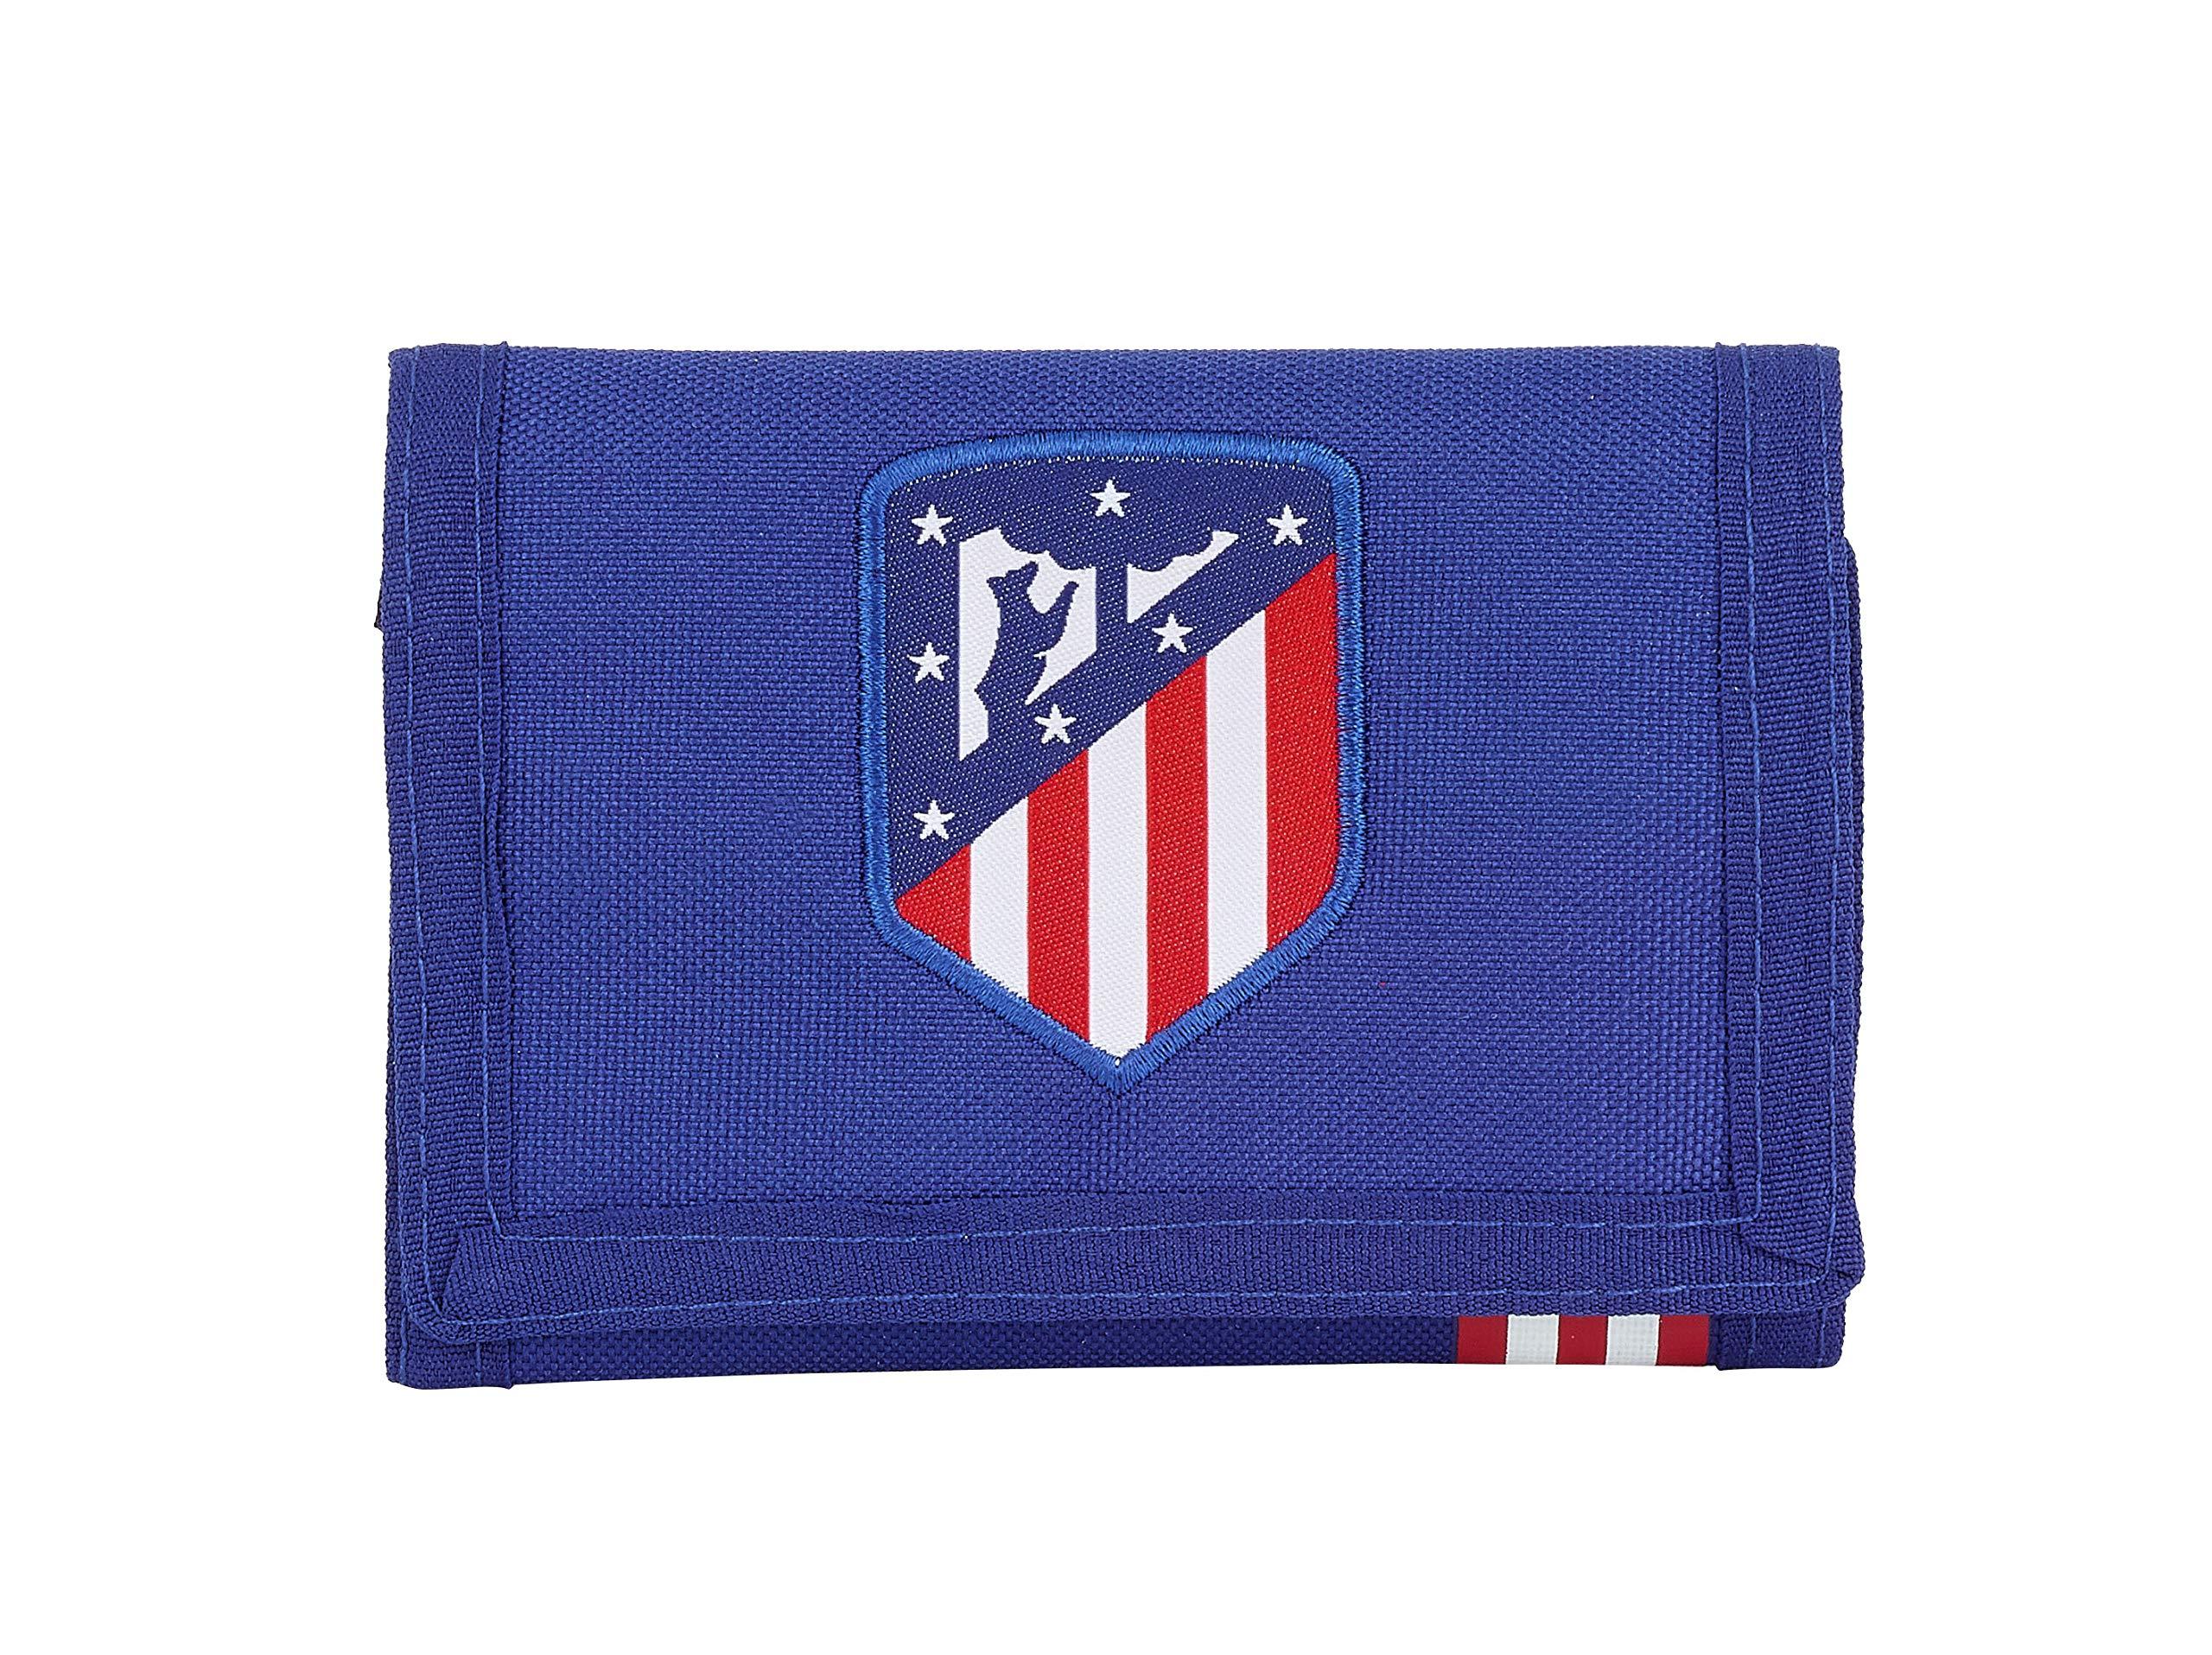 Atletico De Madrid Atlético de Madrid «In Blue» Oficial Cartera Billetera